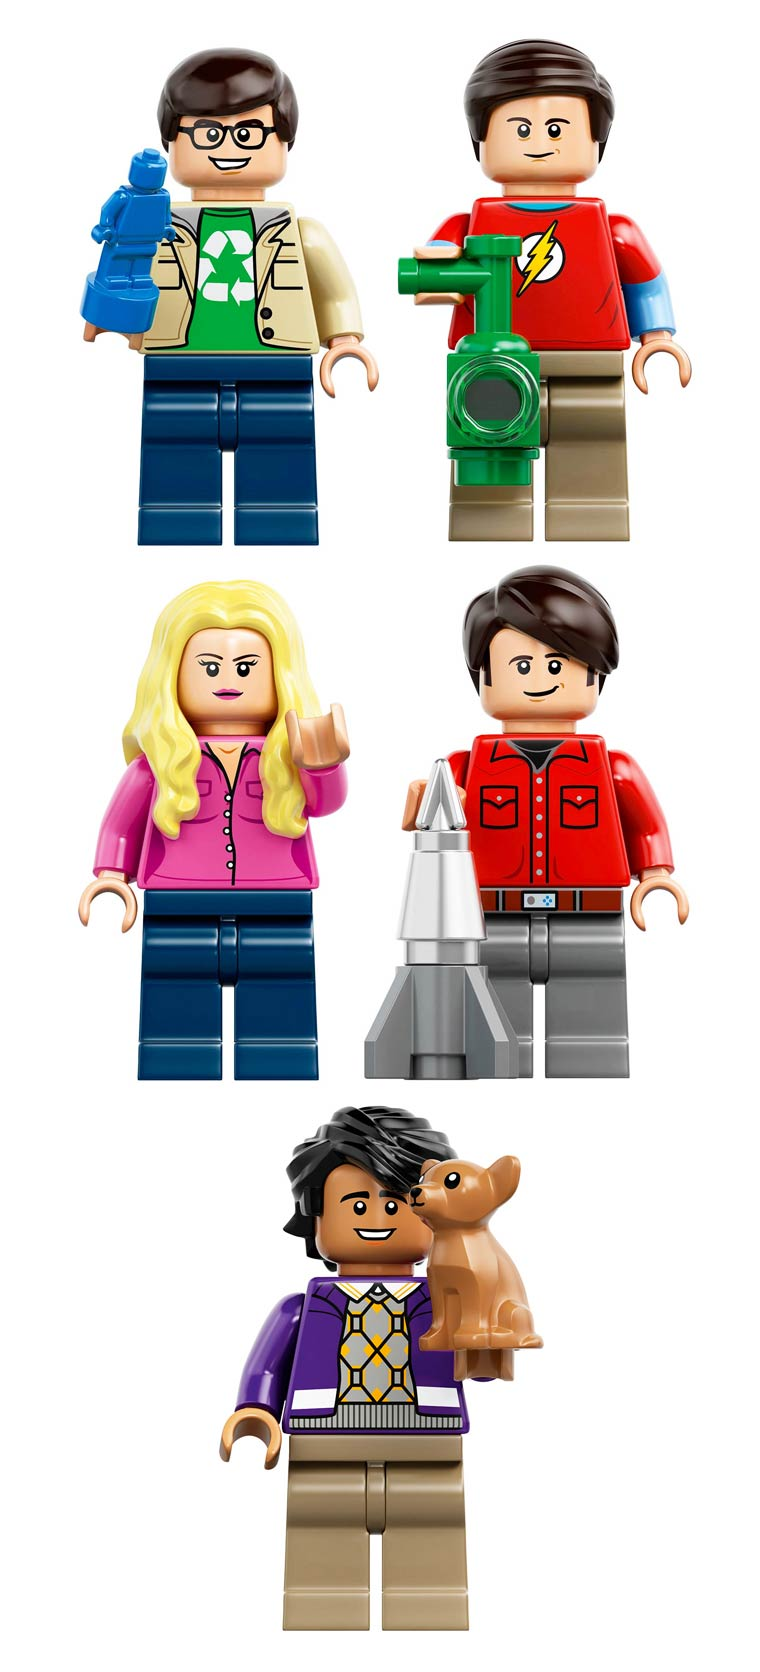 Images © LEGO Ideas / via